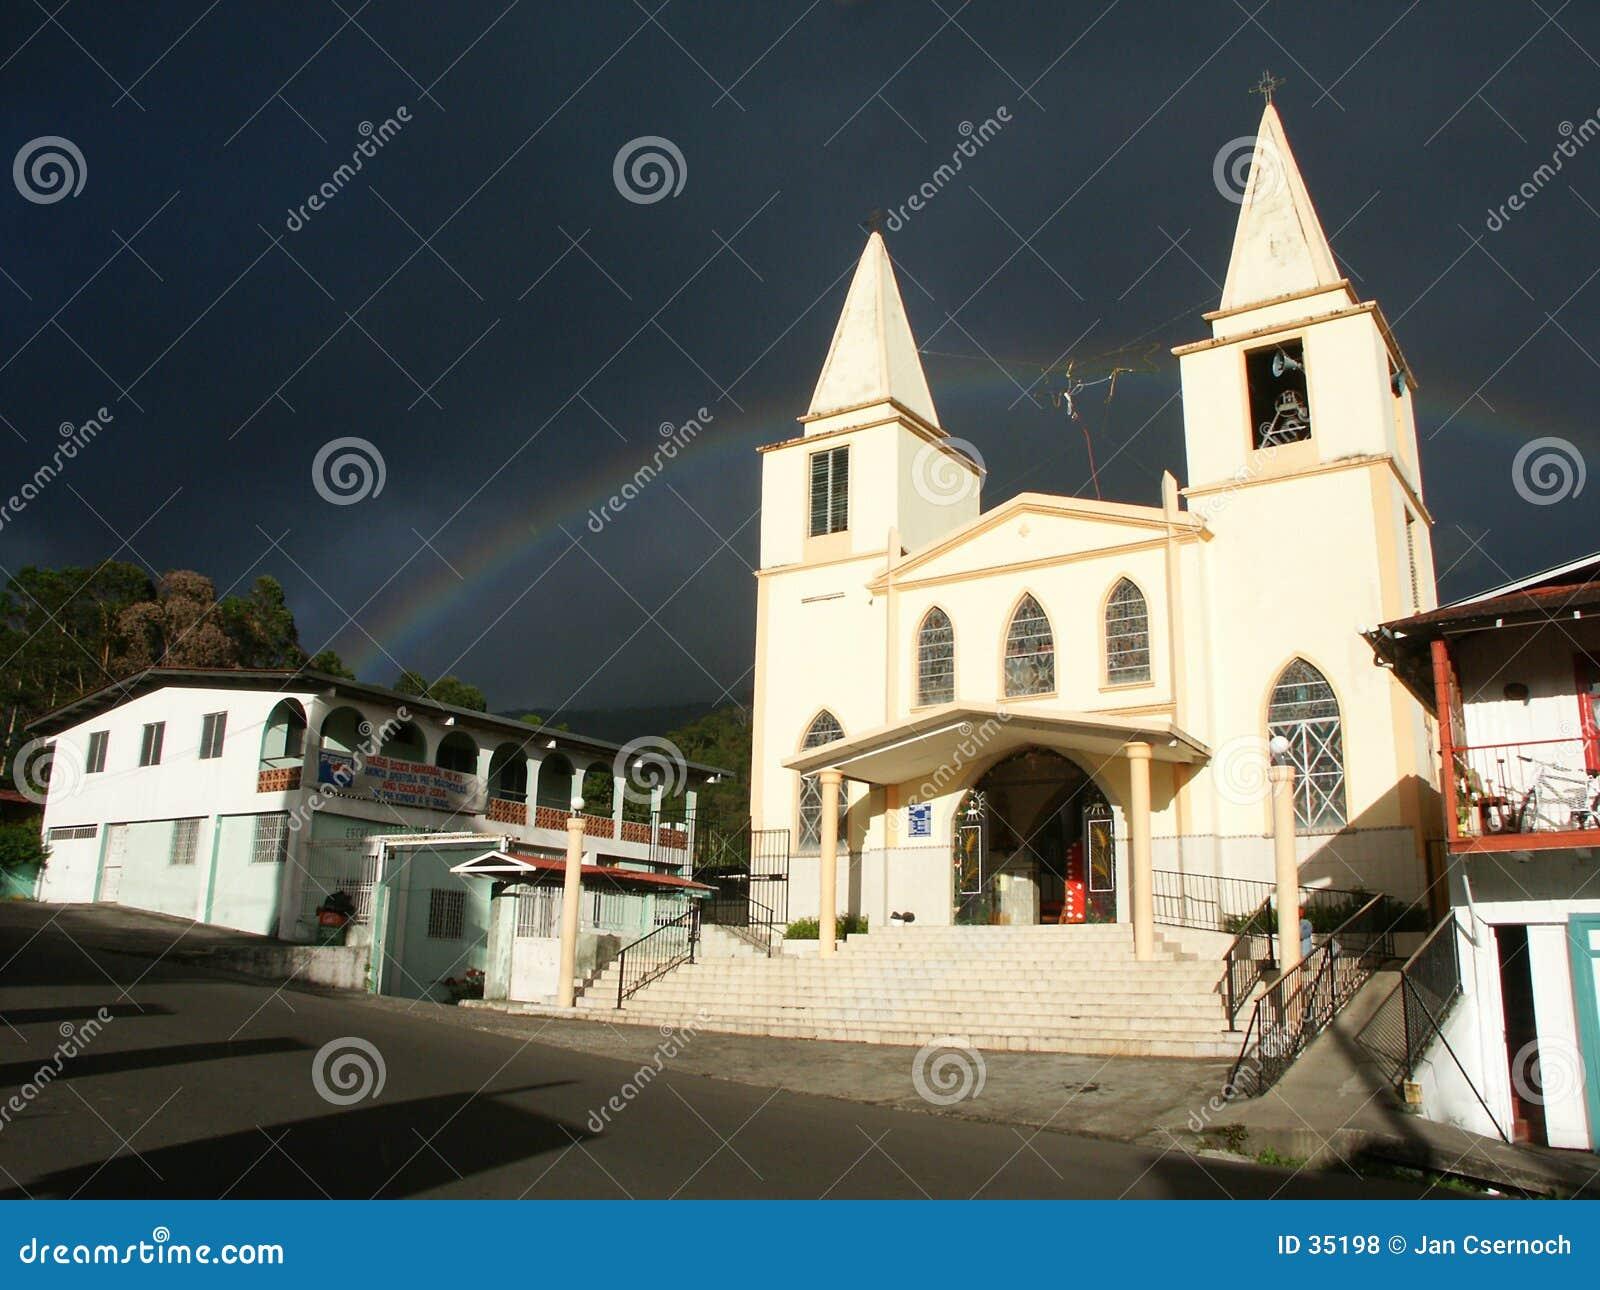 Baptist church with rainbow